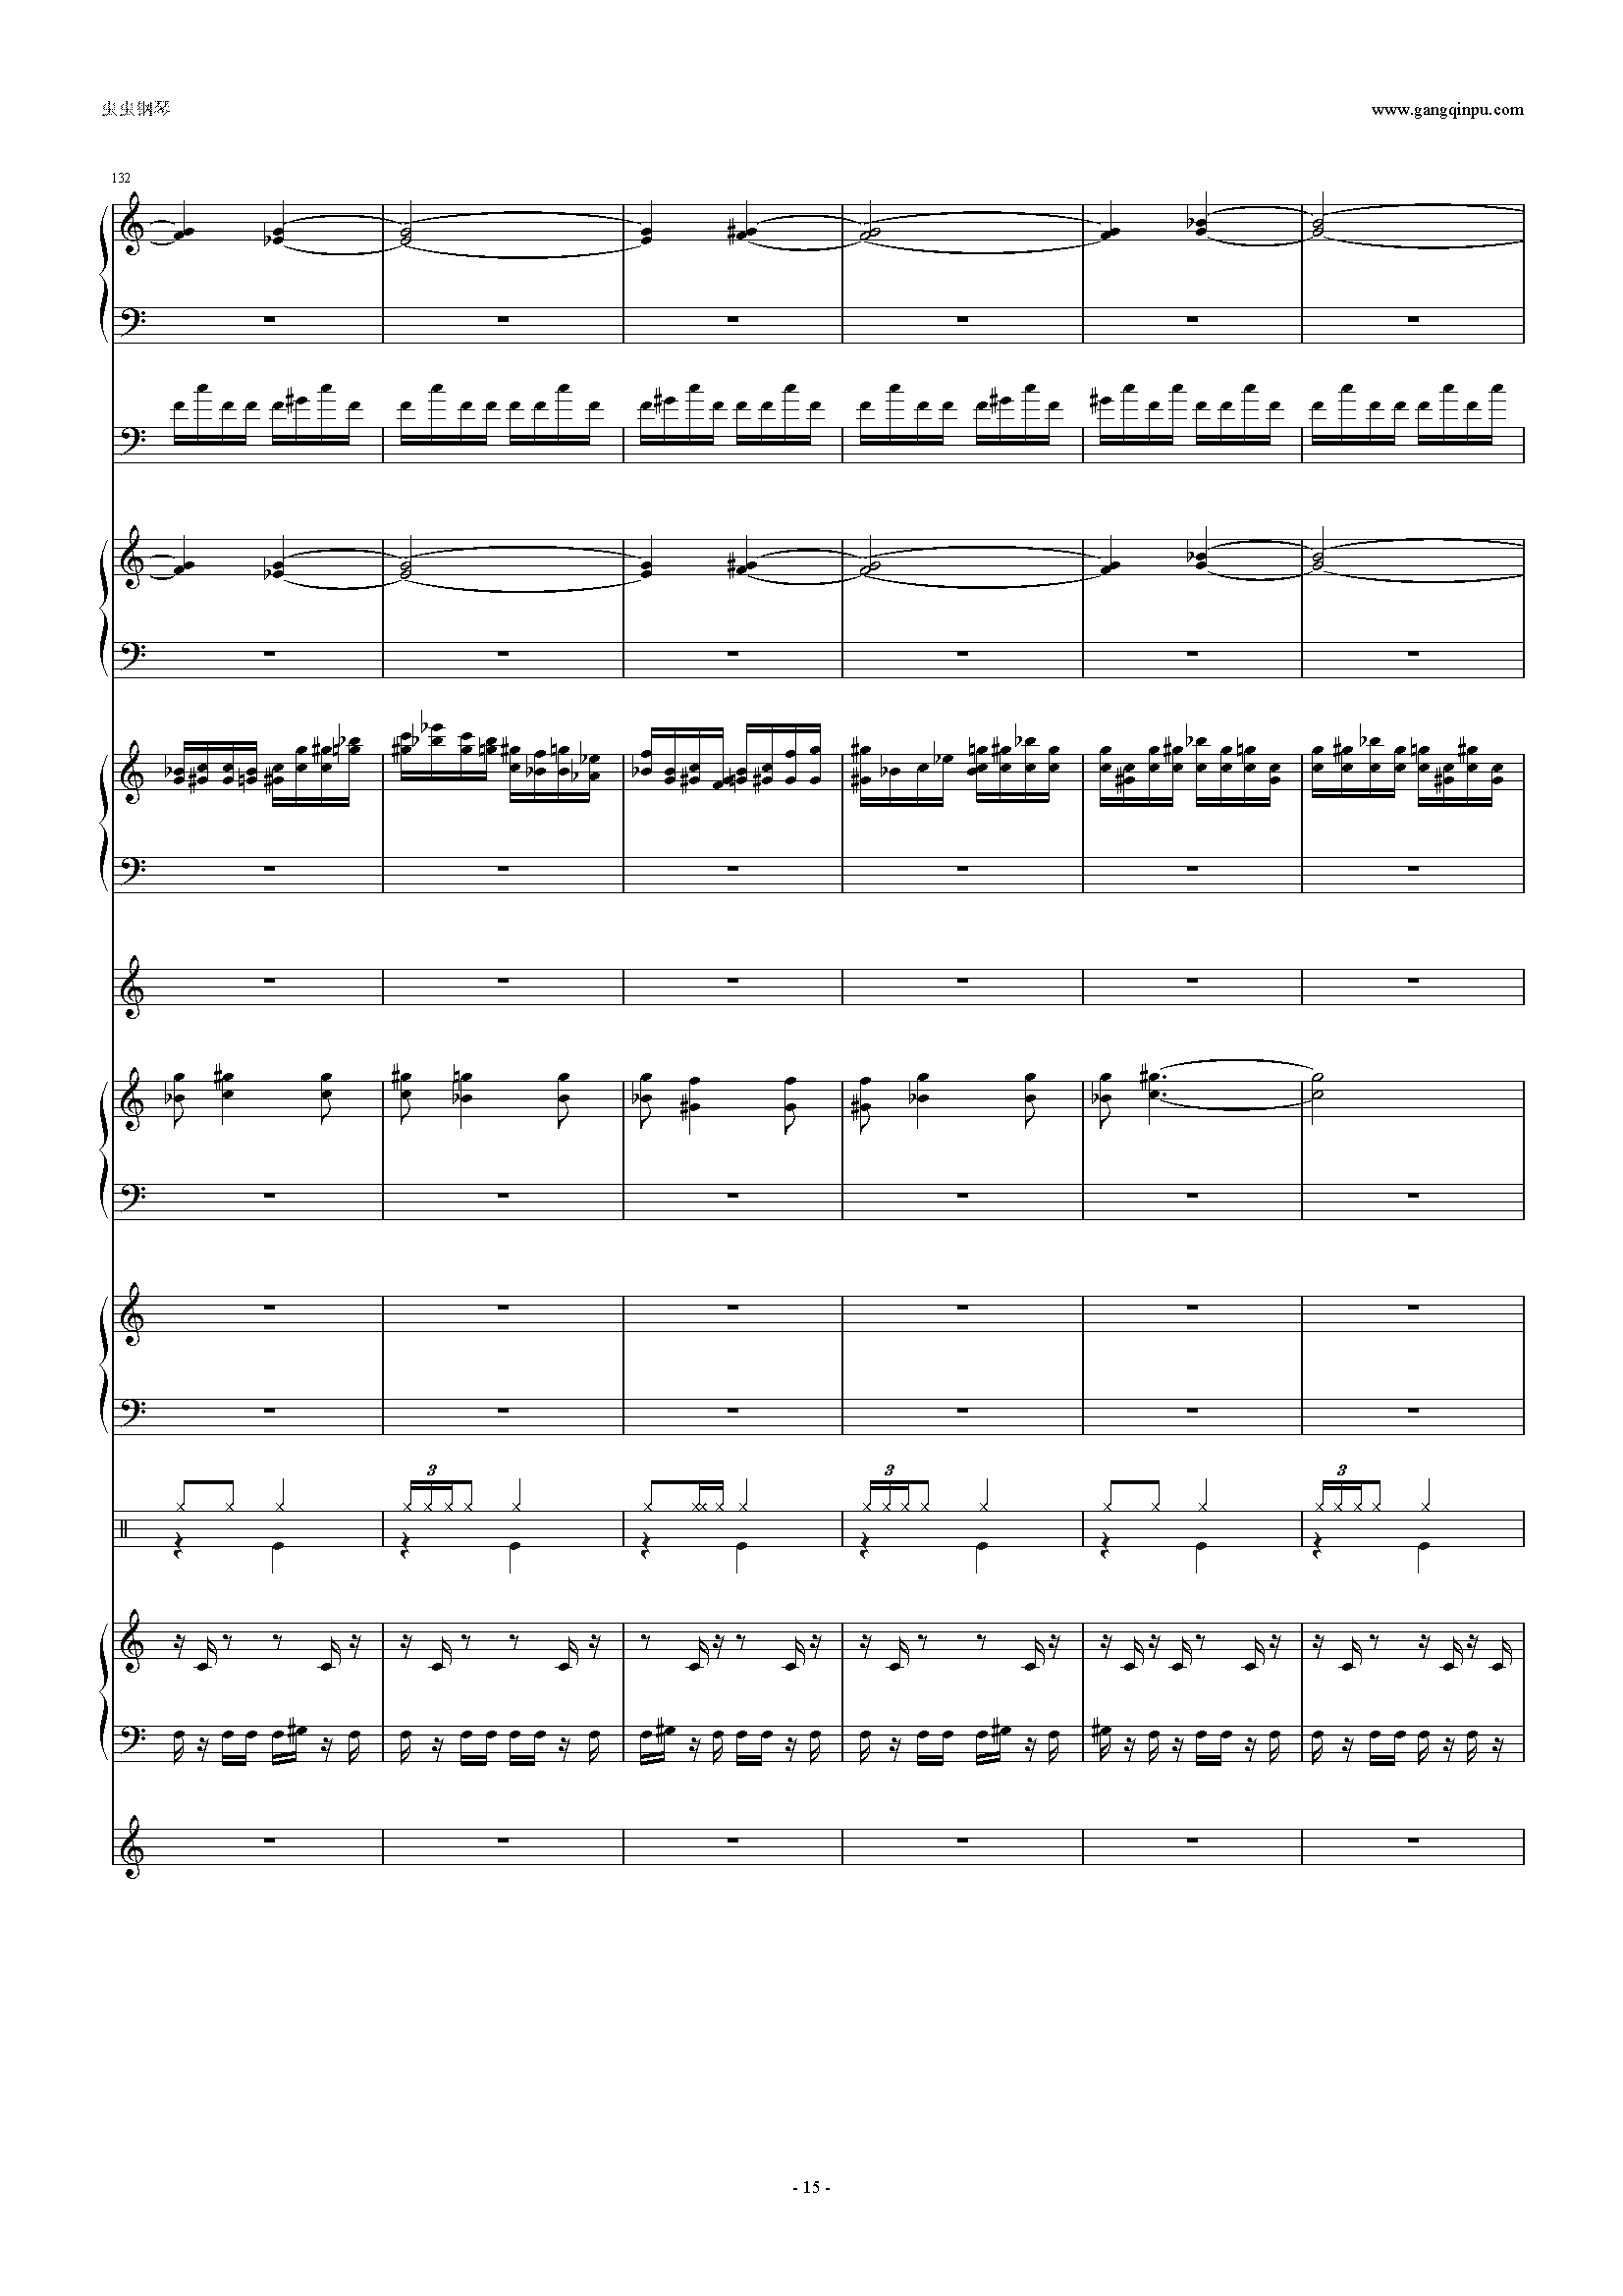 少女幻葬钢琴谱 第15页